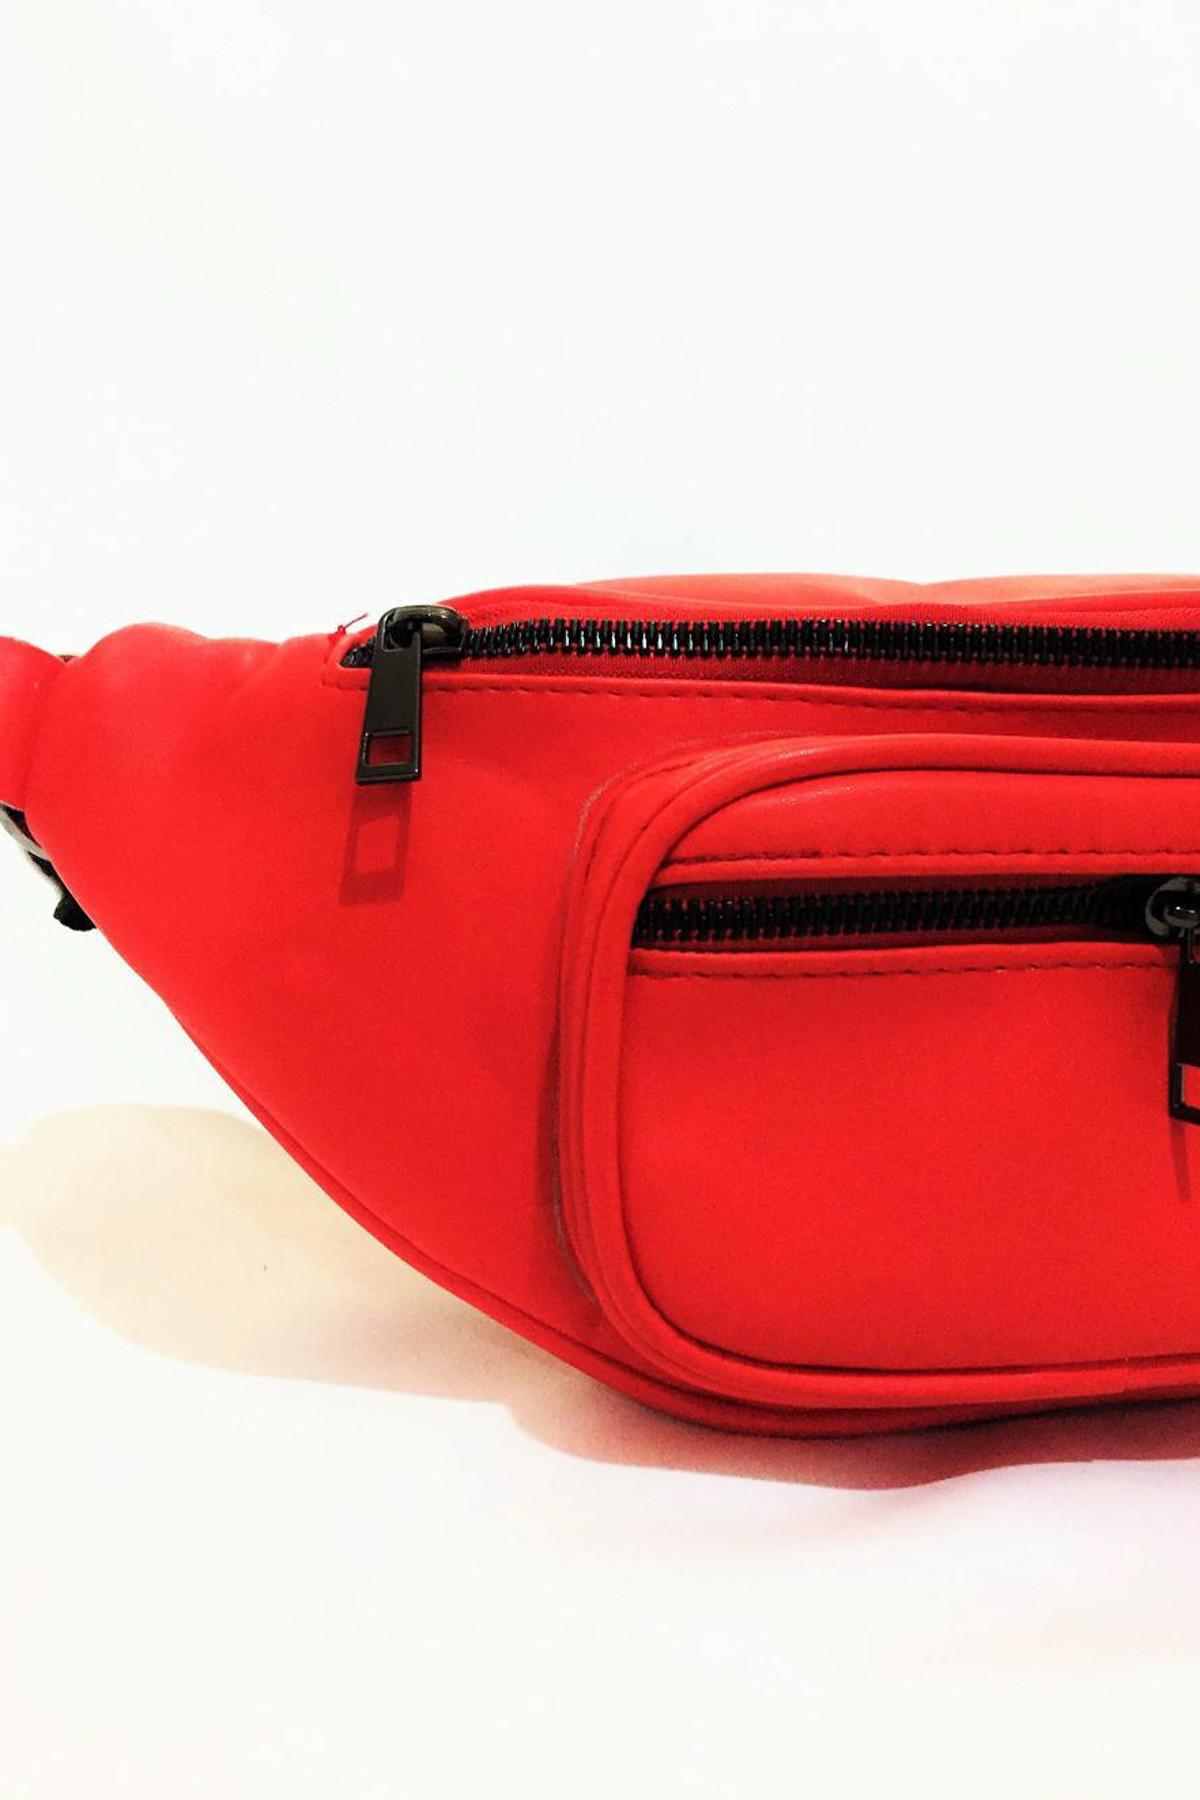 Dr. Stone Marka Kadın Kırmızı Rengi Deri Bel Çantası Xybdr59 1